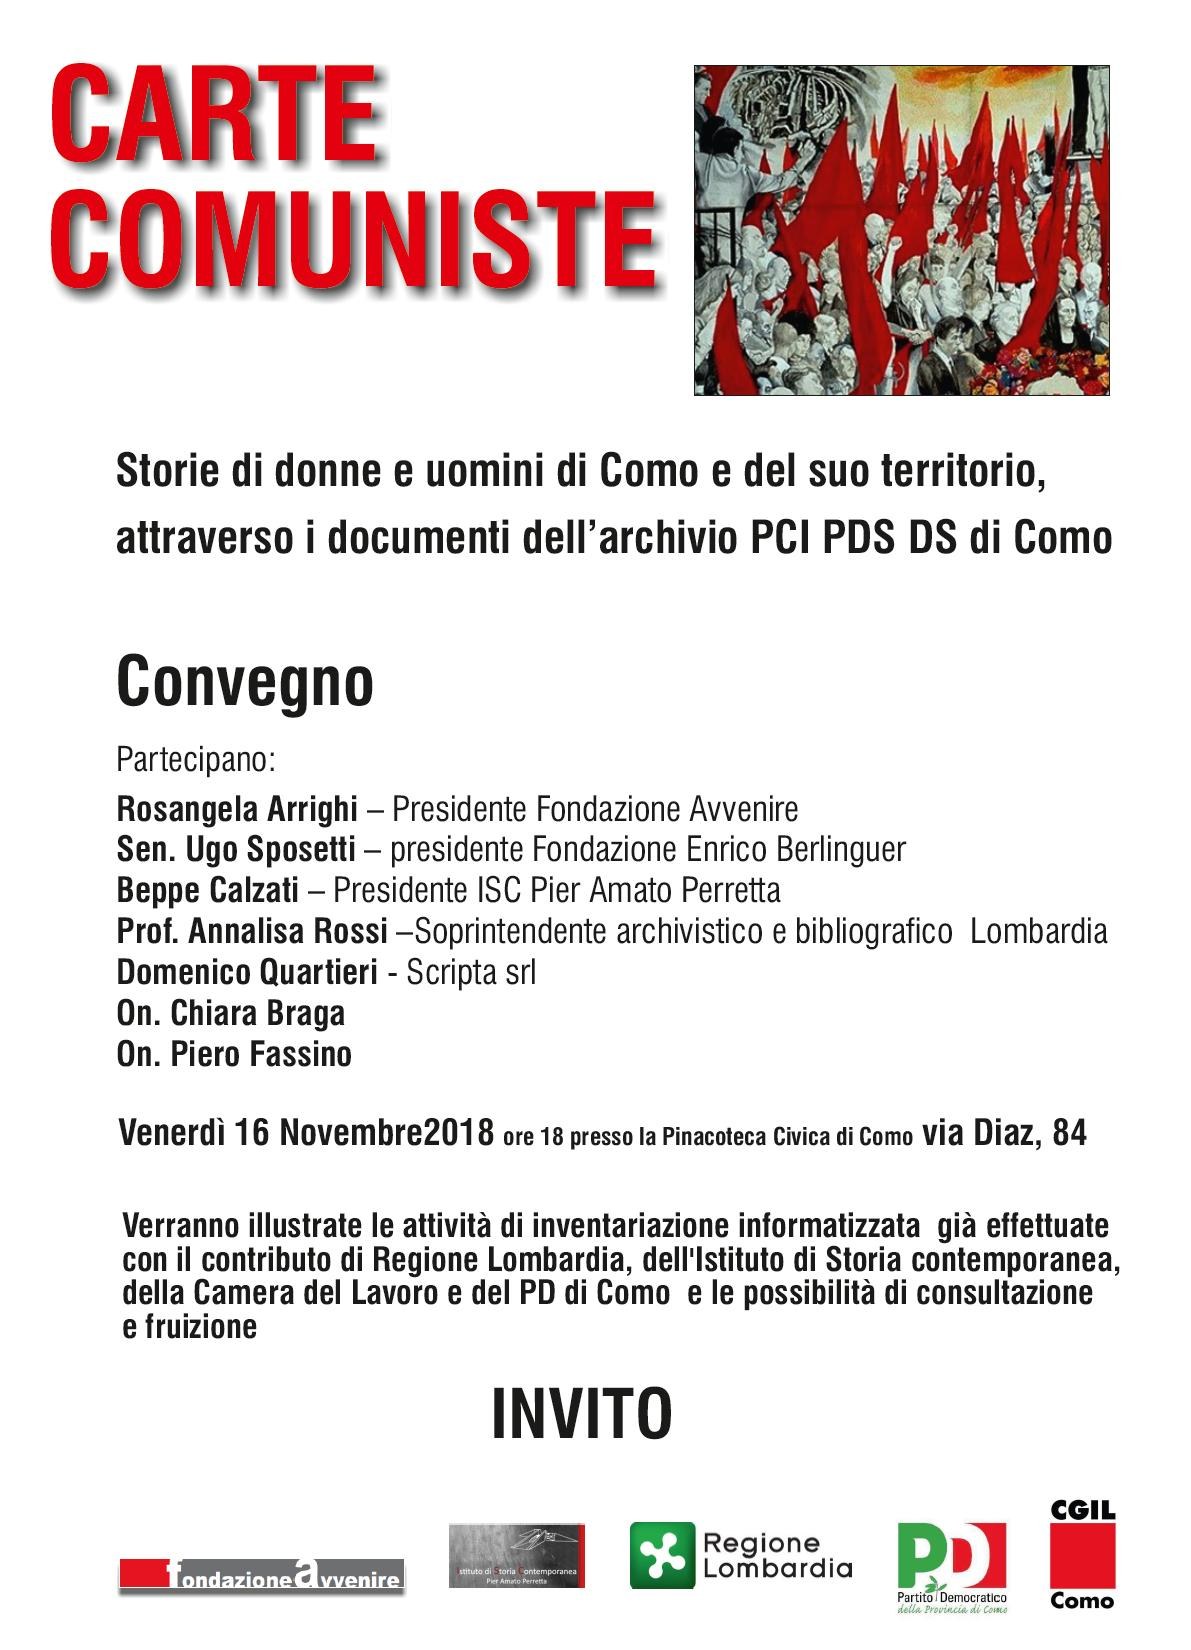 Carte Comuniste